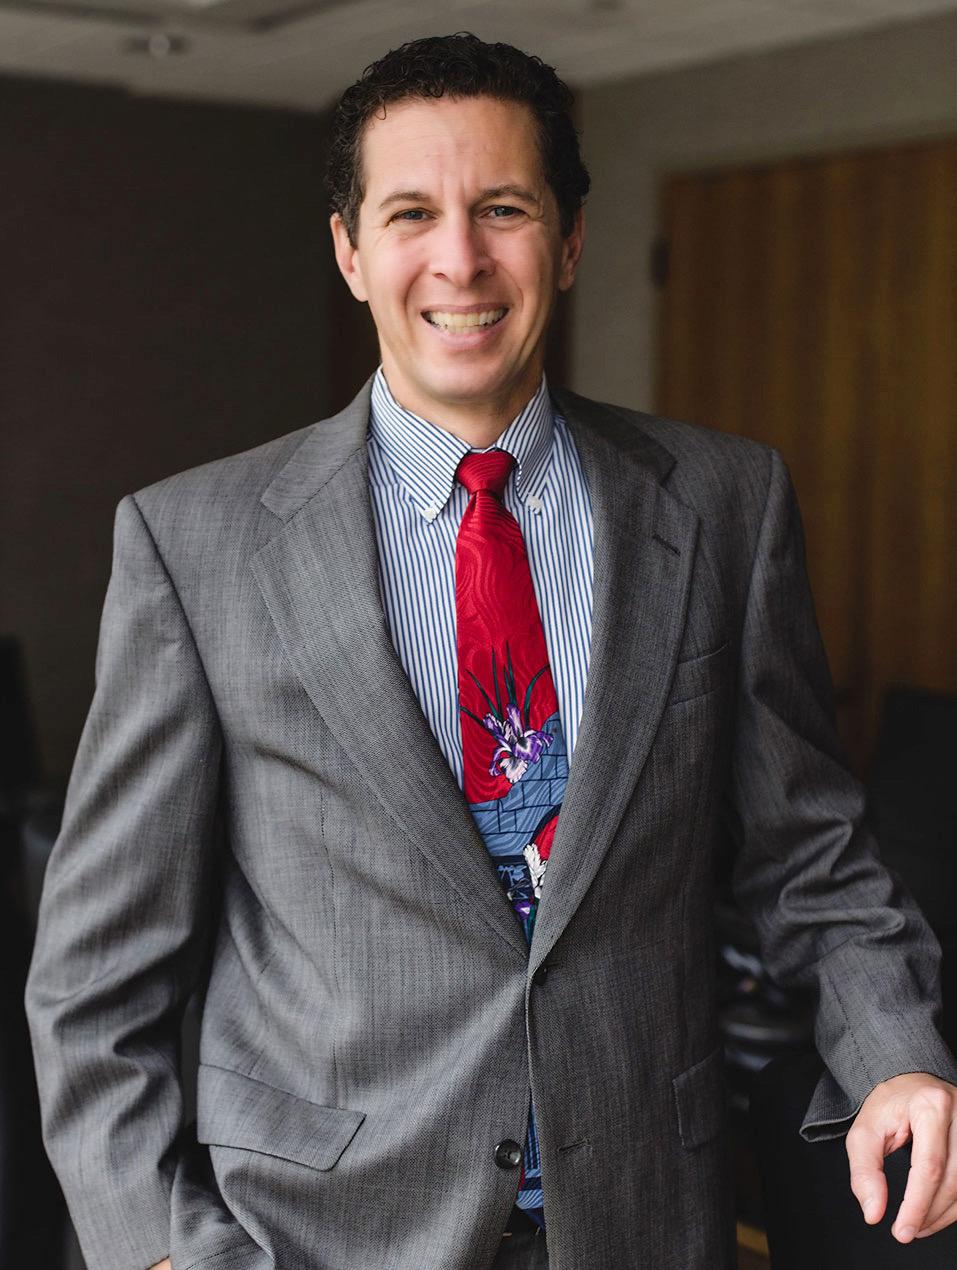 Jason Lessinger